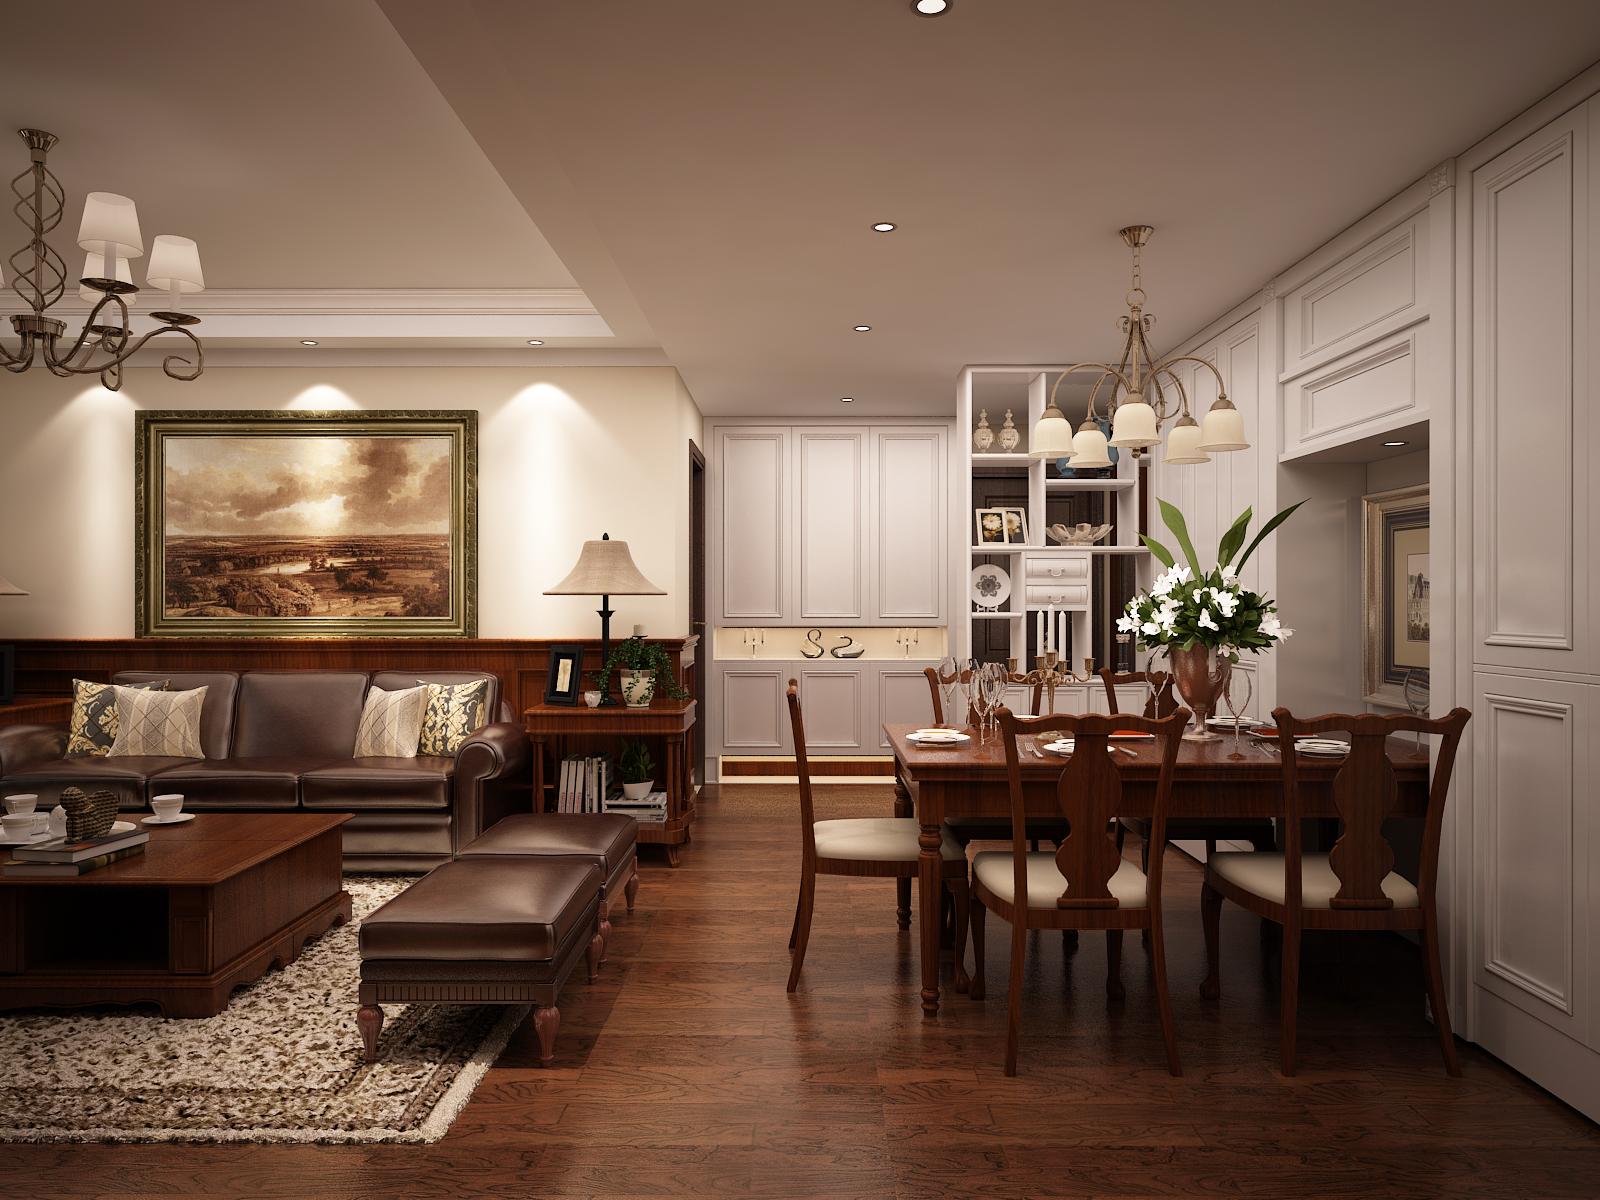 美式 家具 客餐厅 卧室 金色堤岸 餐厅图片来自兰州实创装饰香香在金色堤岸 美式风格的分享